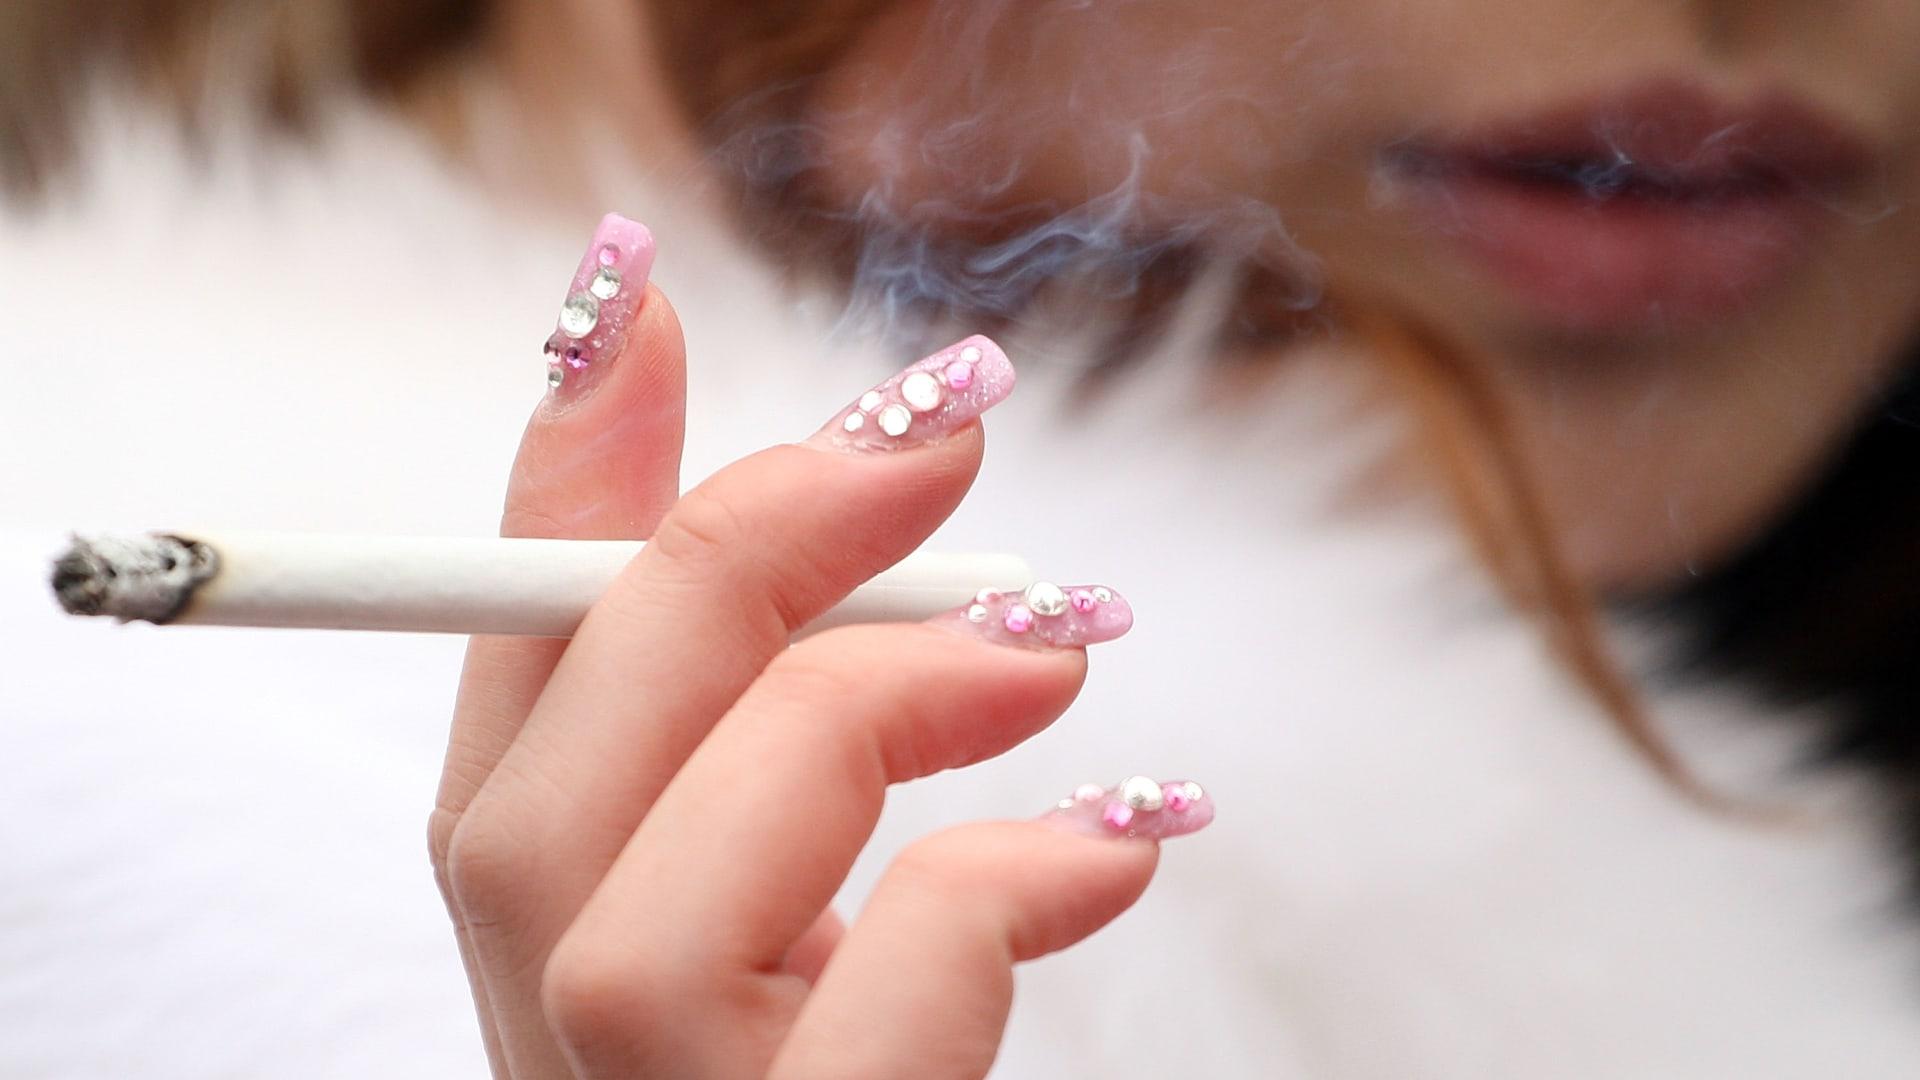 ليس مزعجاً فقط بل مضر أيضاً.. هل تعلم أن ضرر التدخين السلبي يبدأ في أقل من 5 دقائق؟